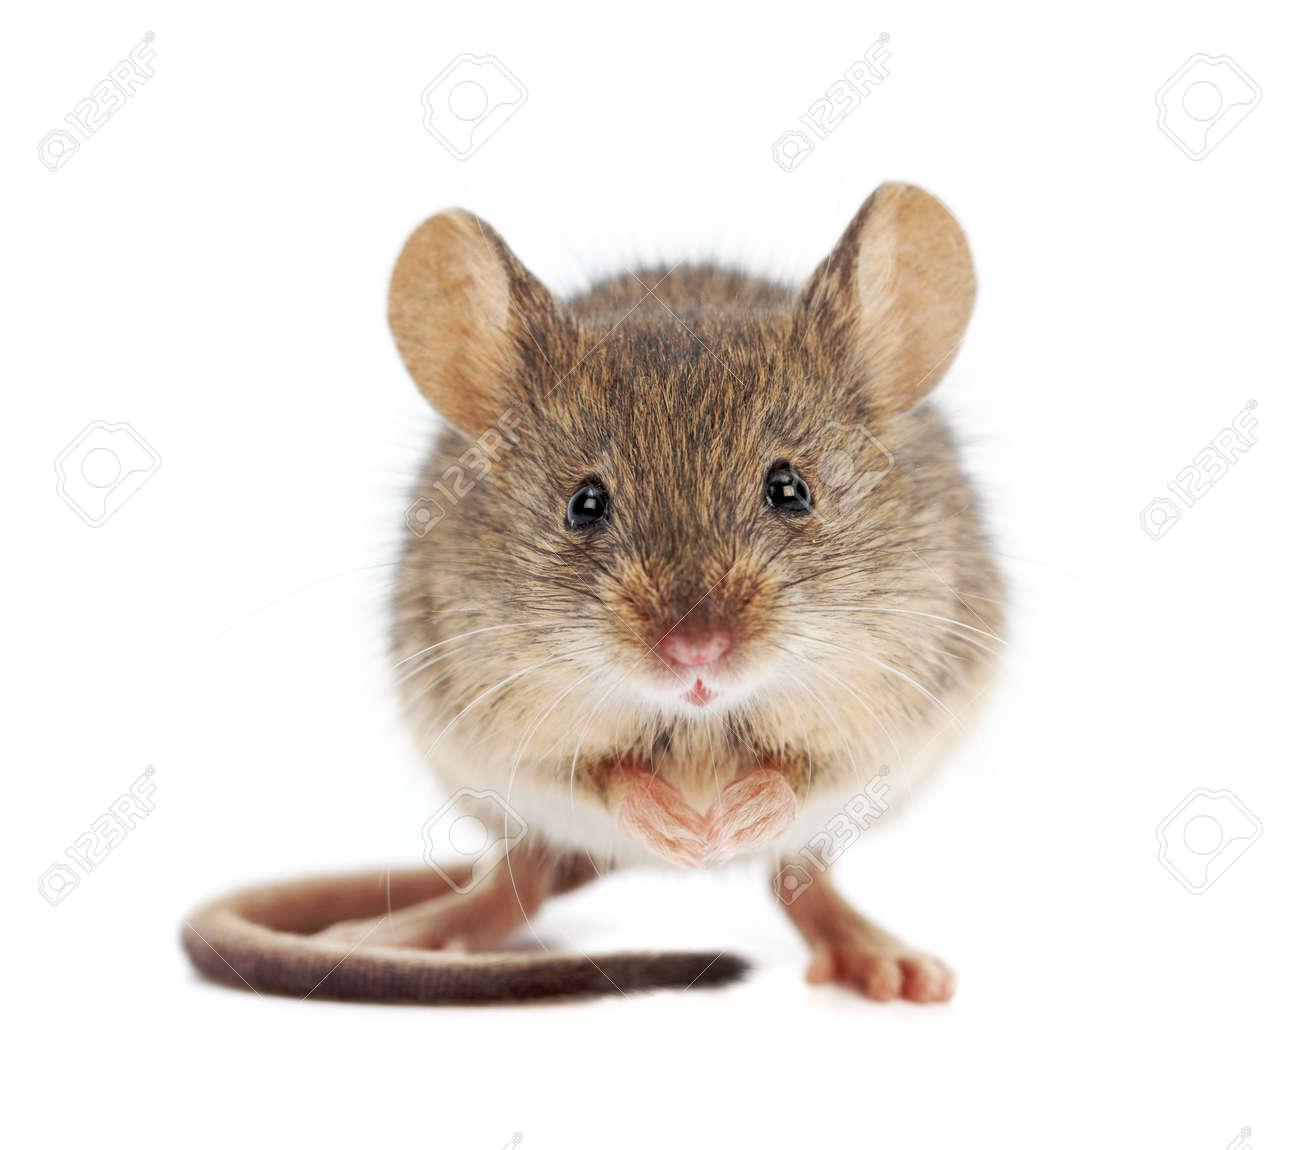 Como Atrapar Ratones En Casa. Awesome Como Atrapar Ratones En Casa ...